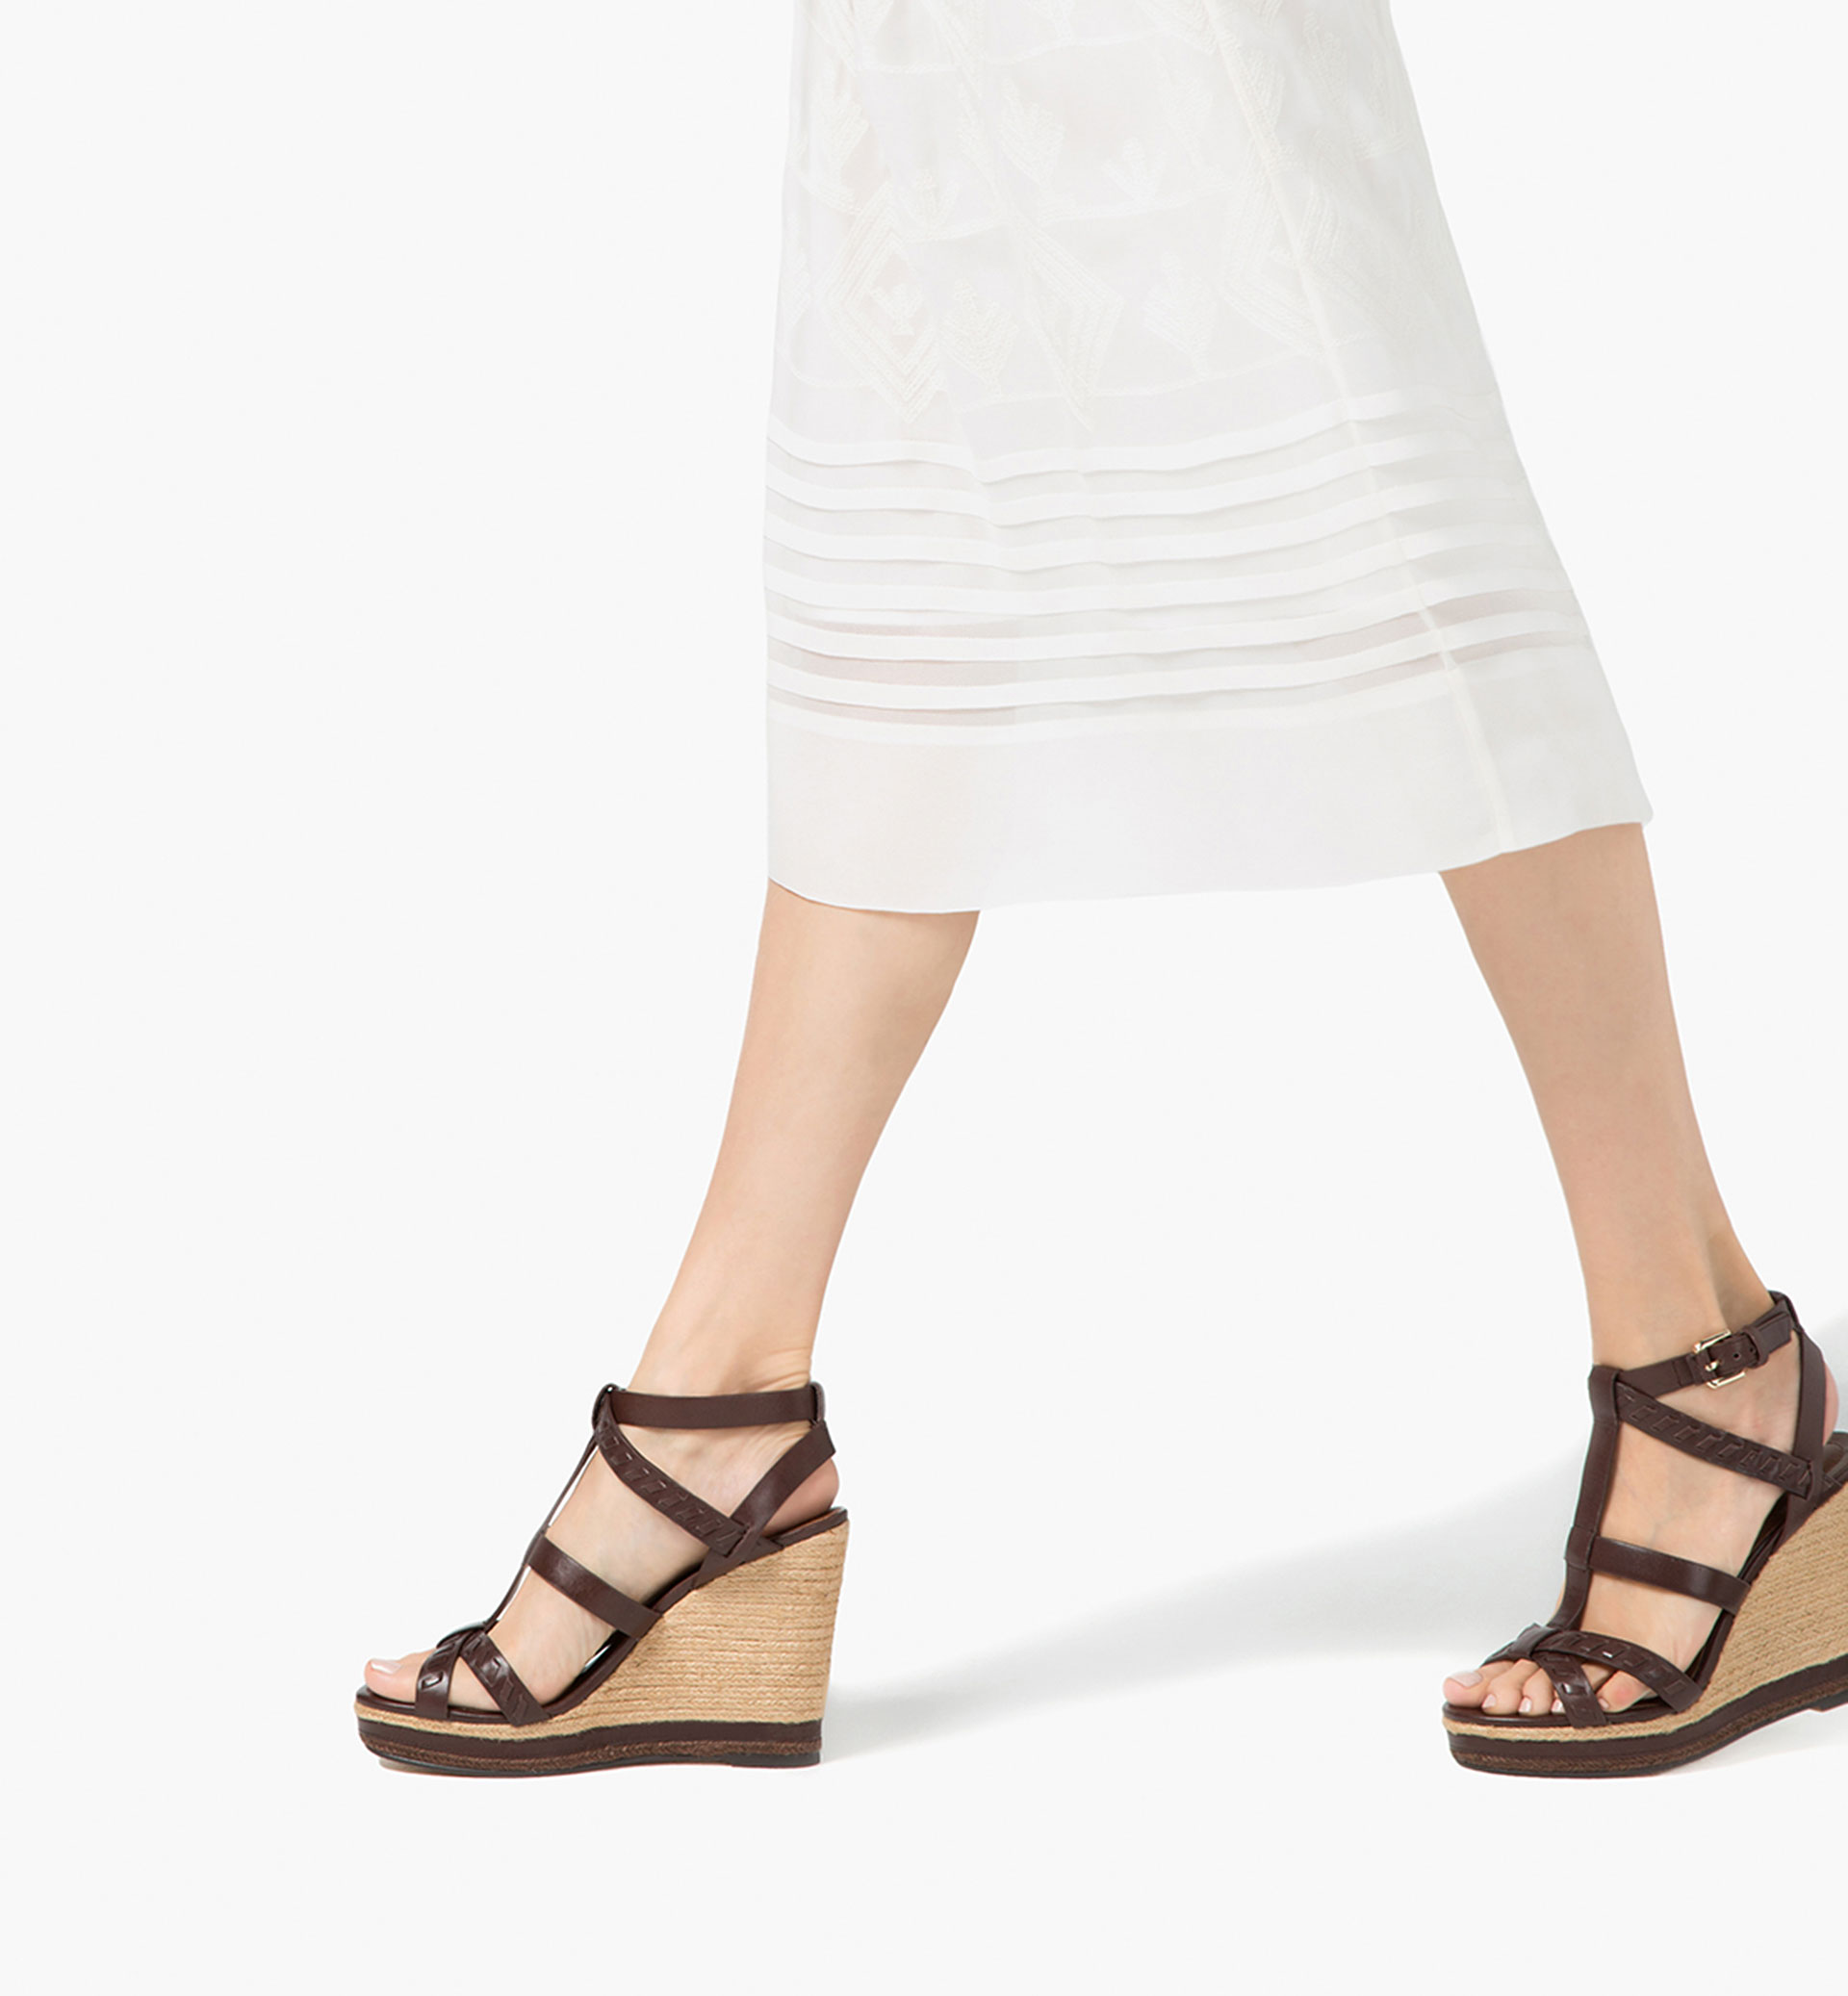 Modelo calzado